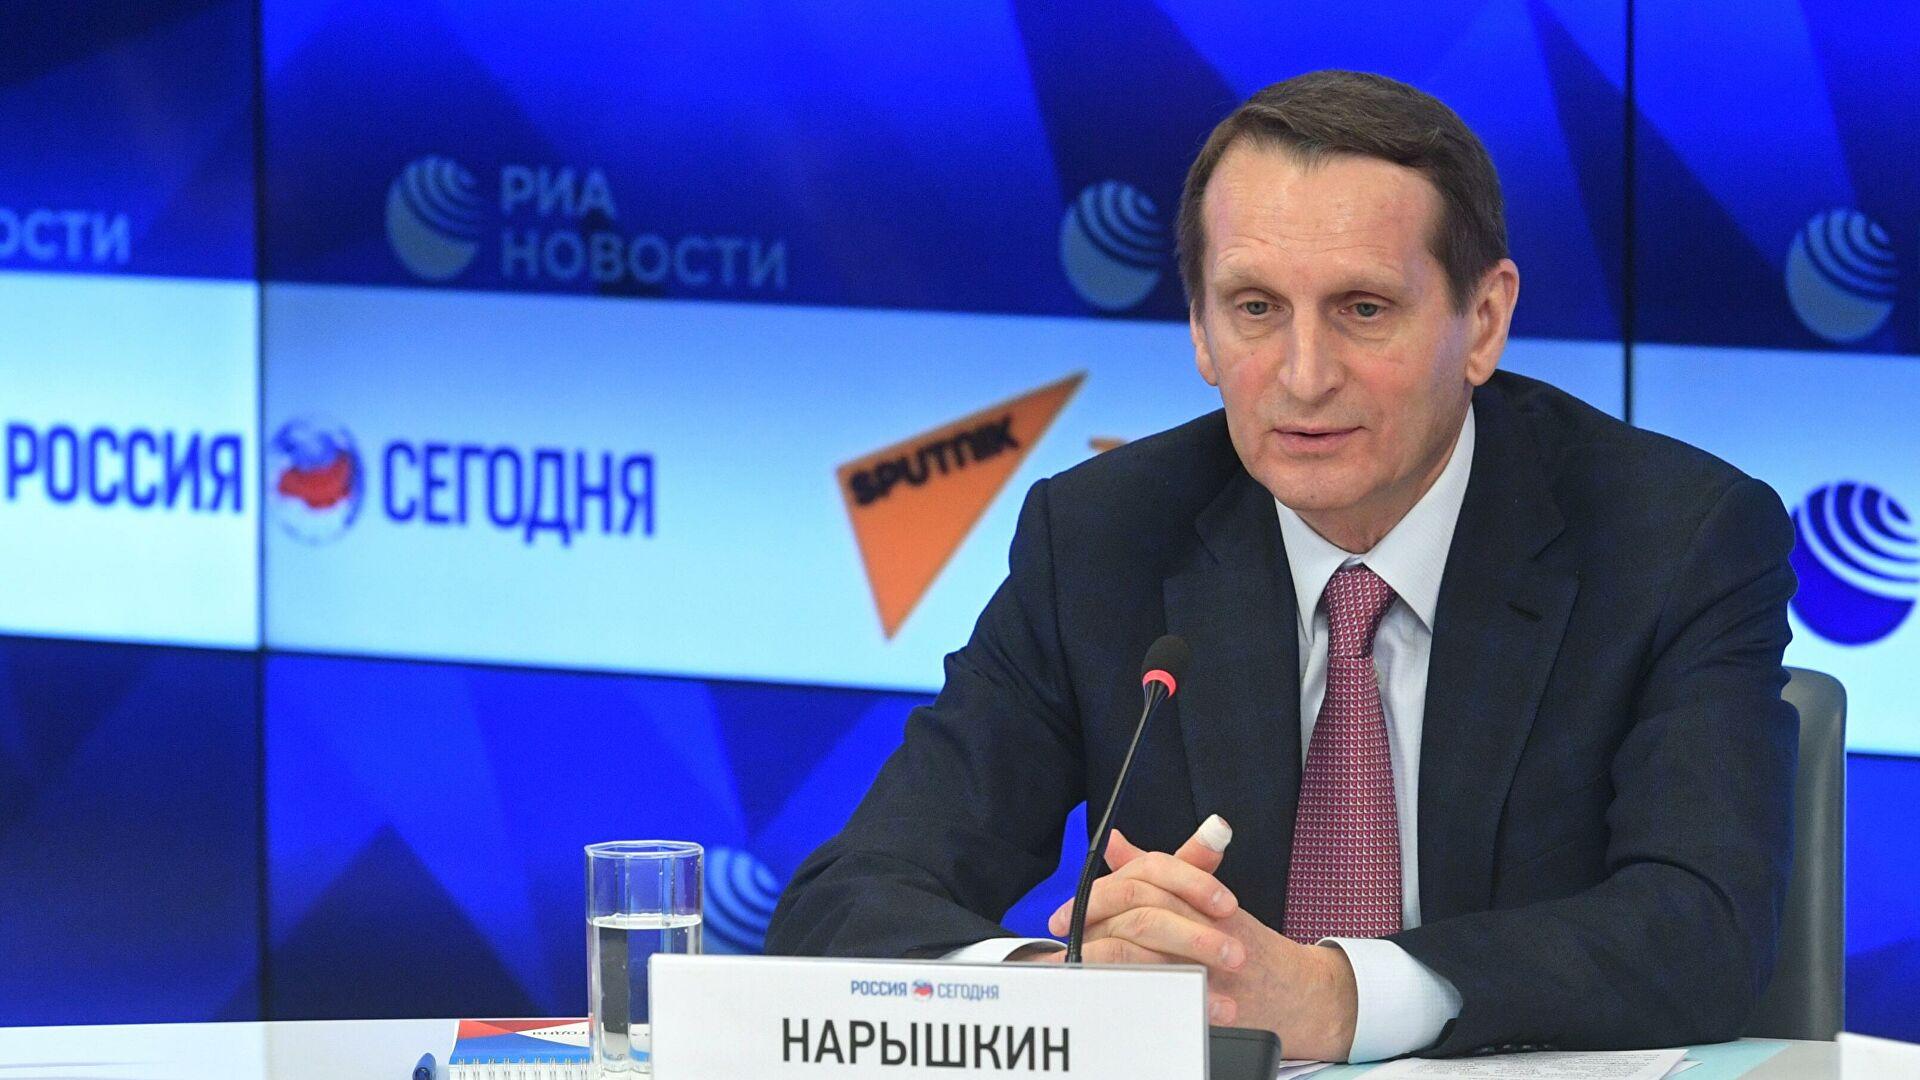 Наришкин: За Русију нови рат у Карабаху недопустив